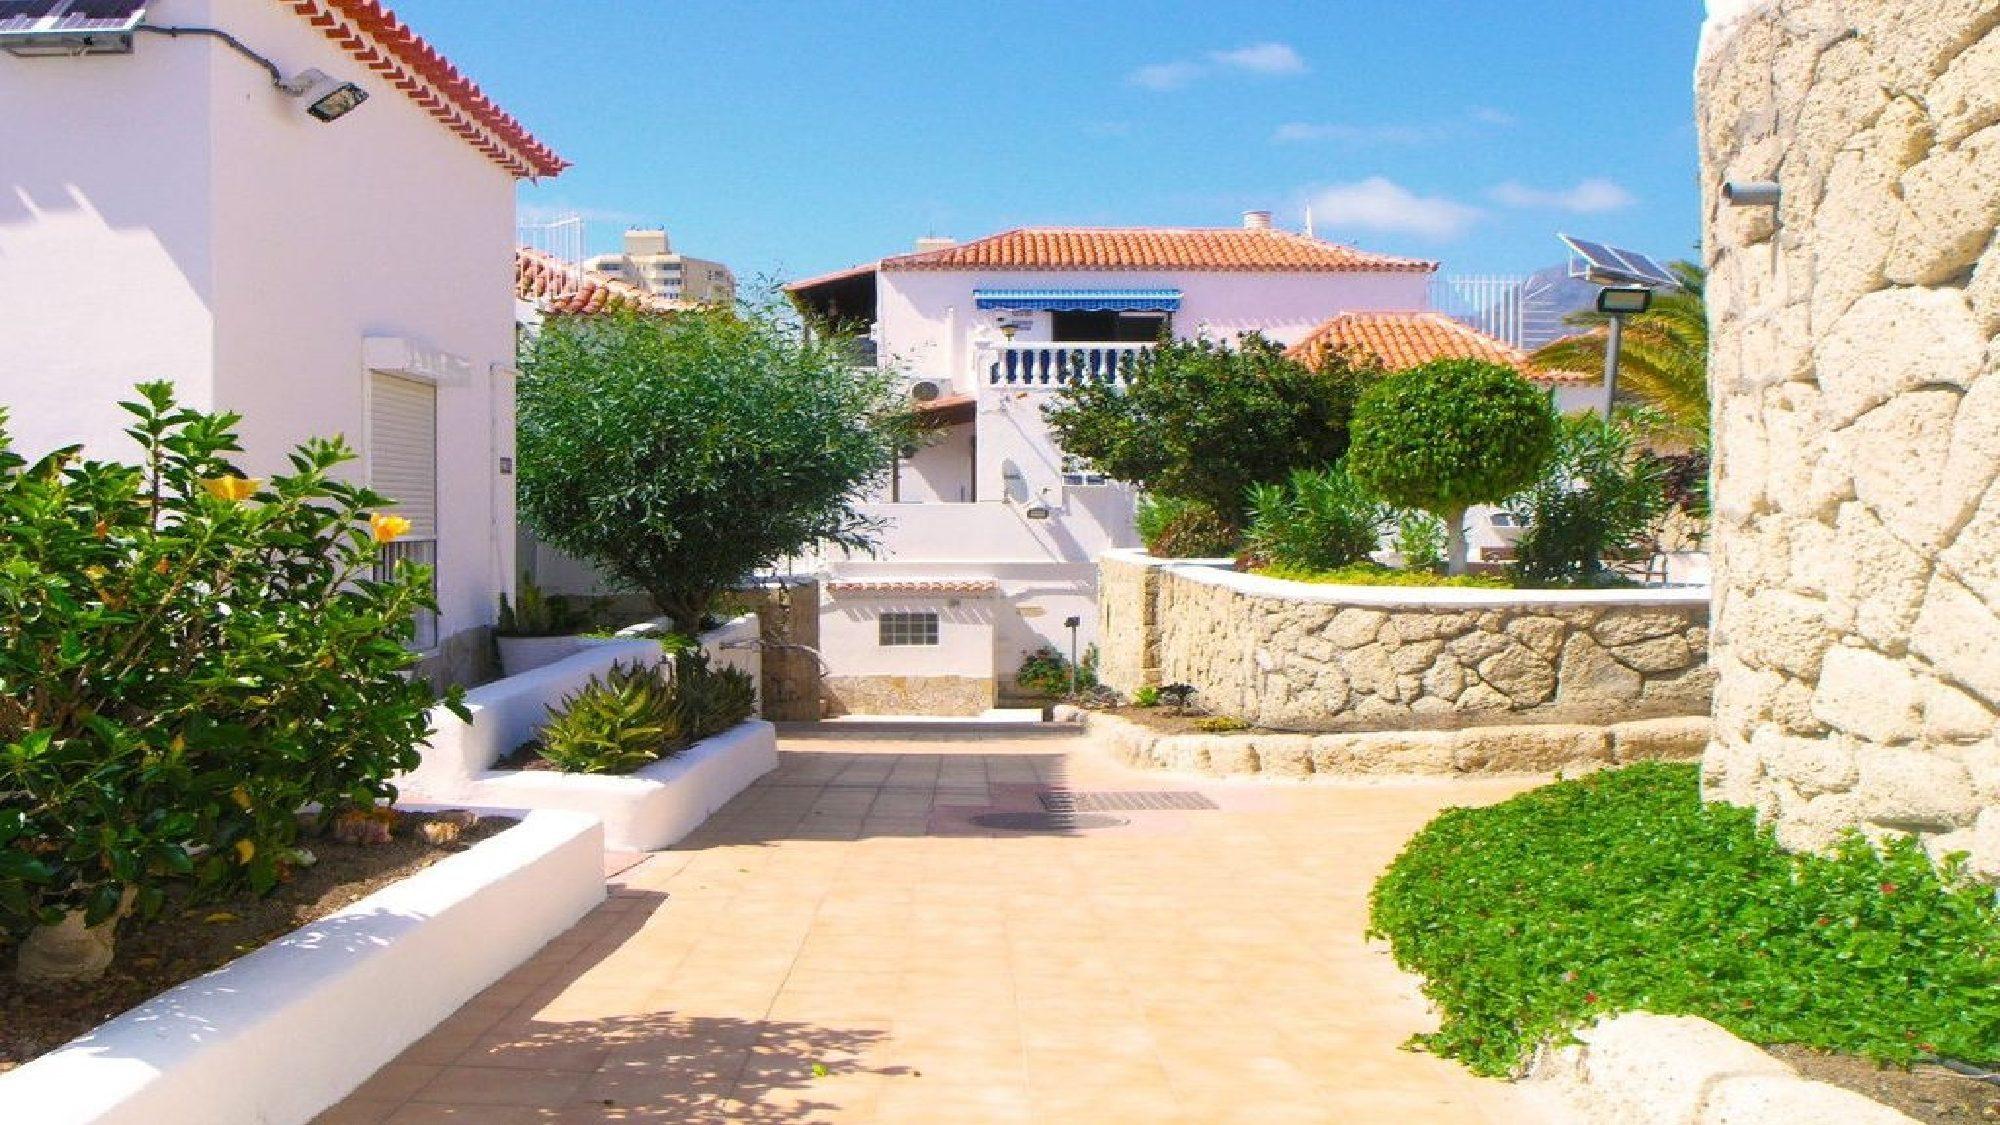 Tenerife Villas to rent  5 bedroom villa  private pool  Las americas